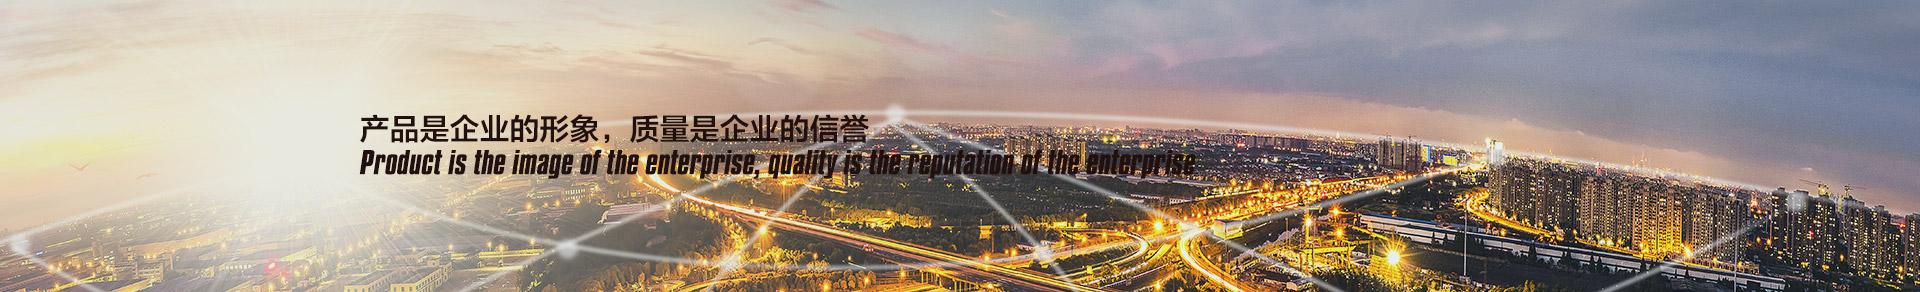 http://www.hcxhmzp.cn/data/upload/202007/20200716175901_276.jpg